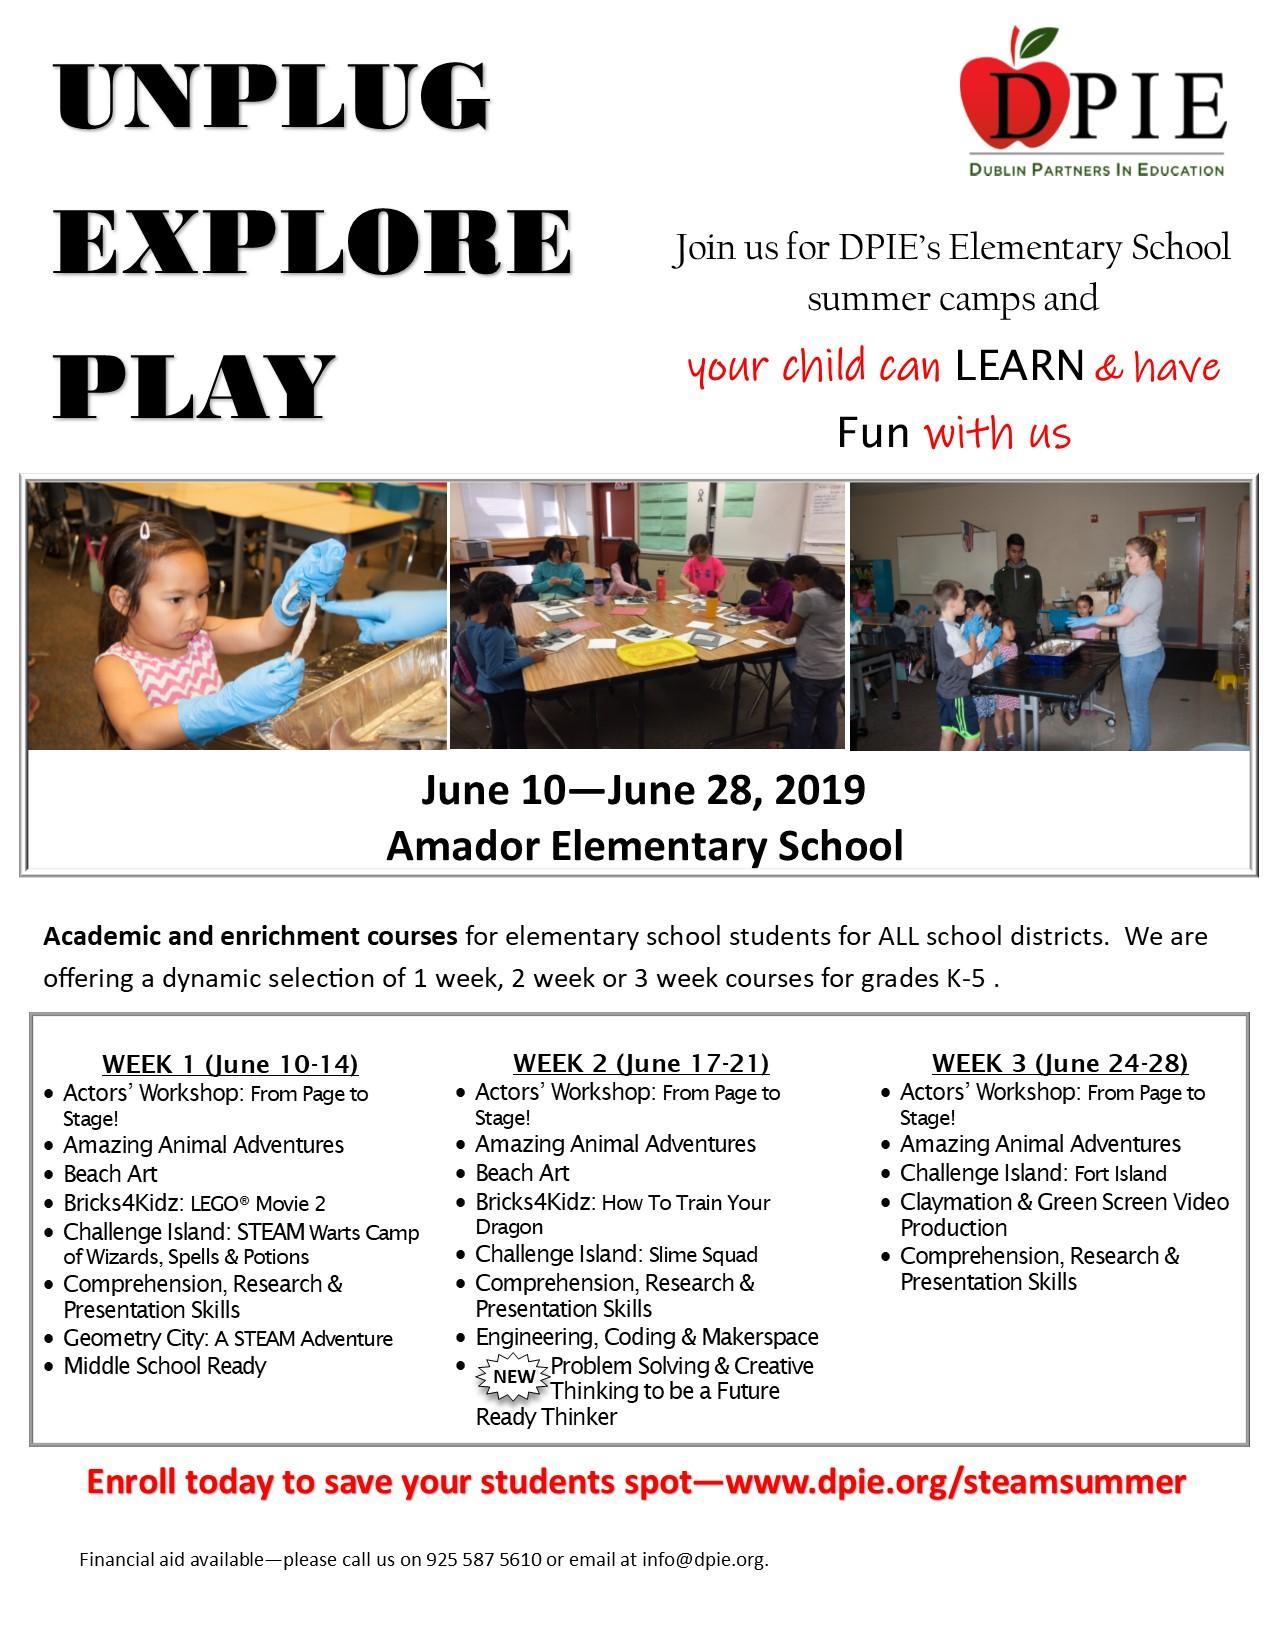 DPIE Elementary Summer Academy